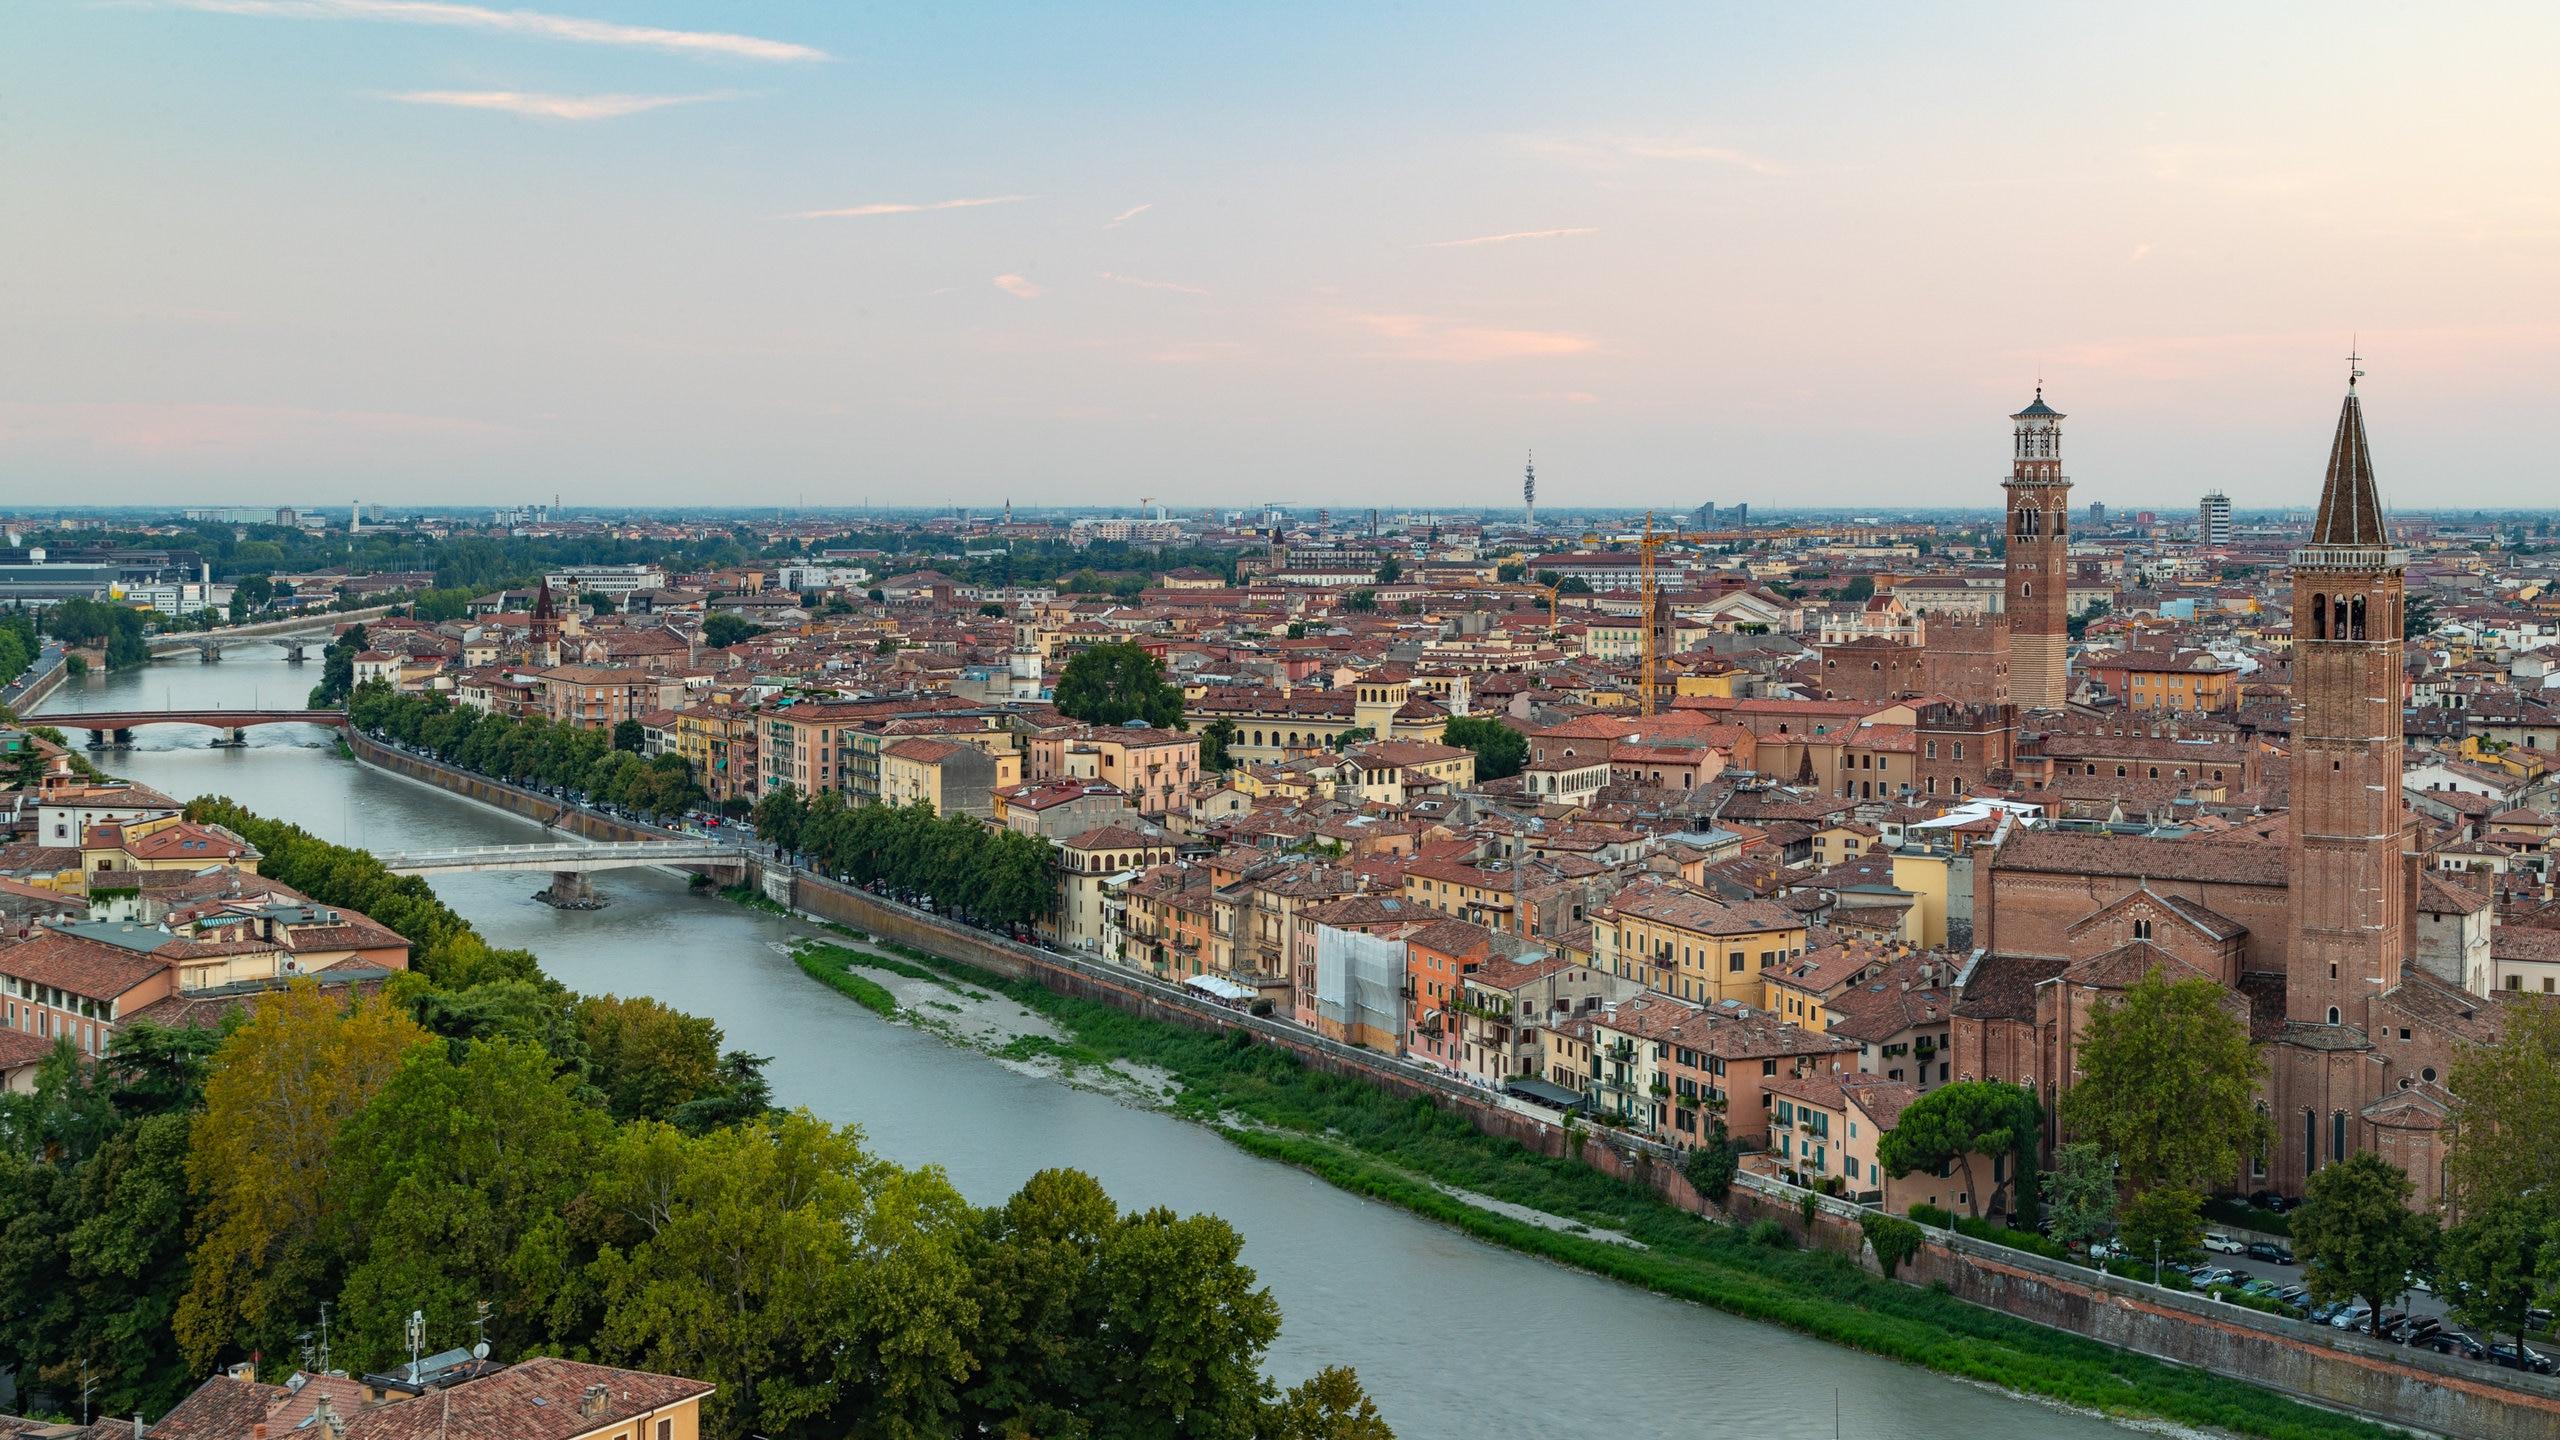 Centro di Verona, Verona, Veneto, Italia